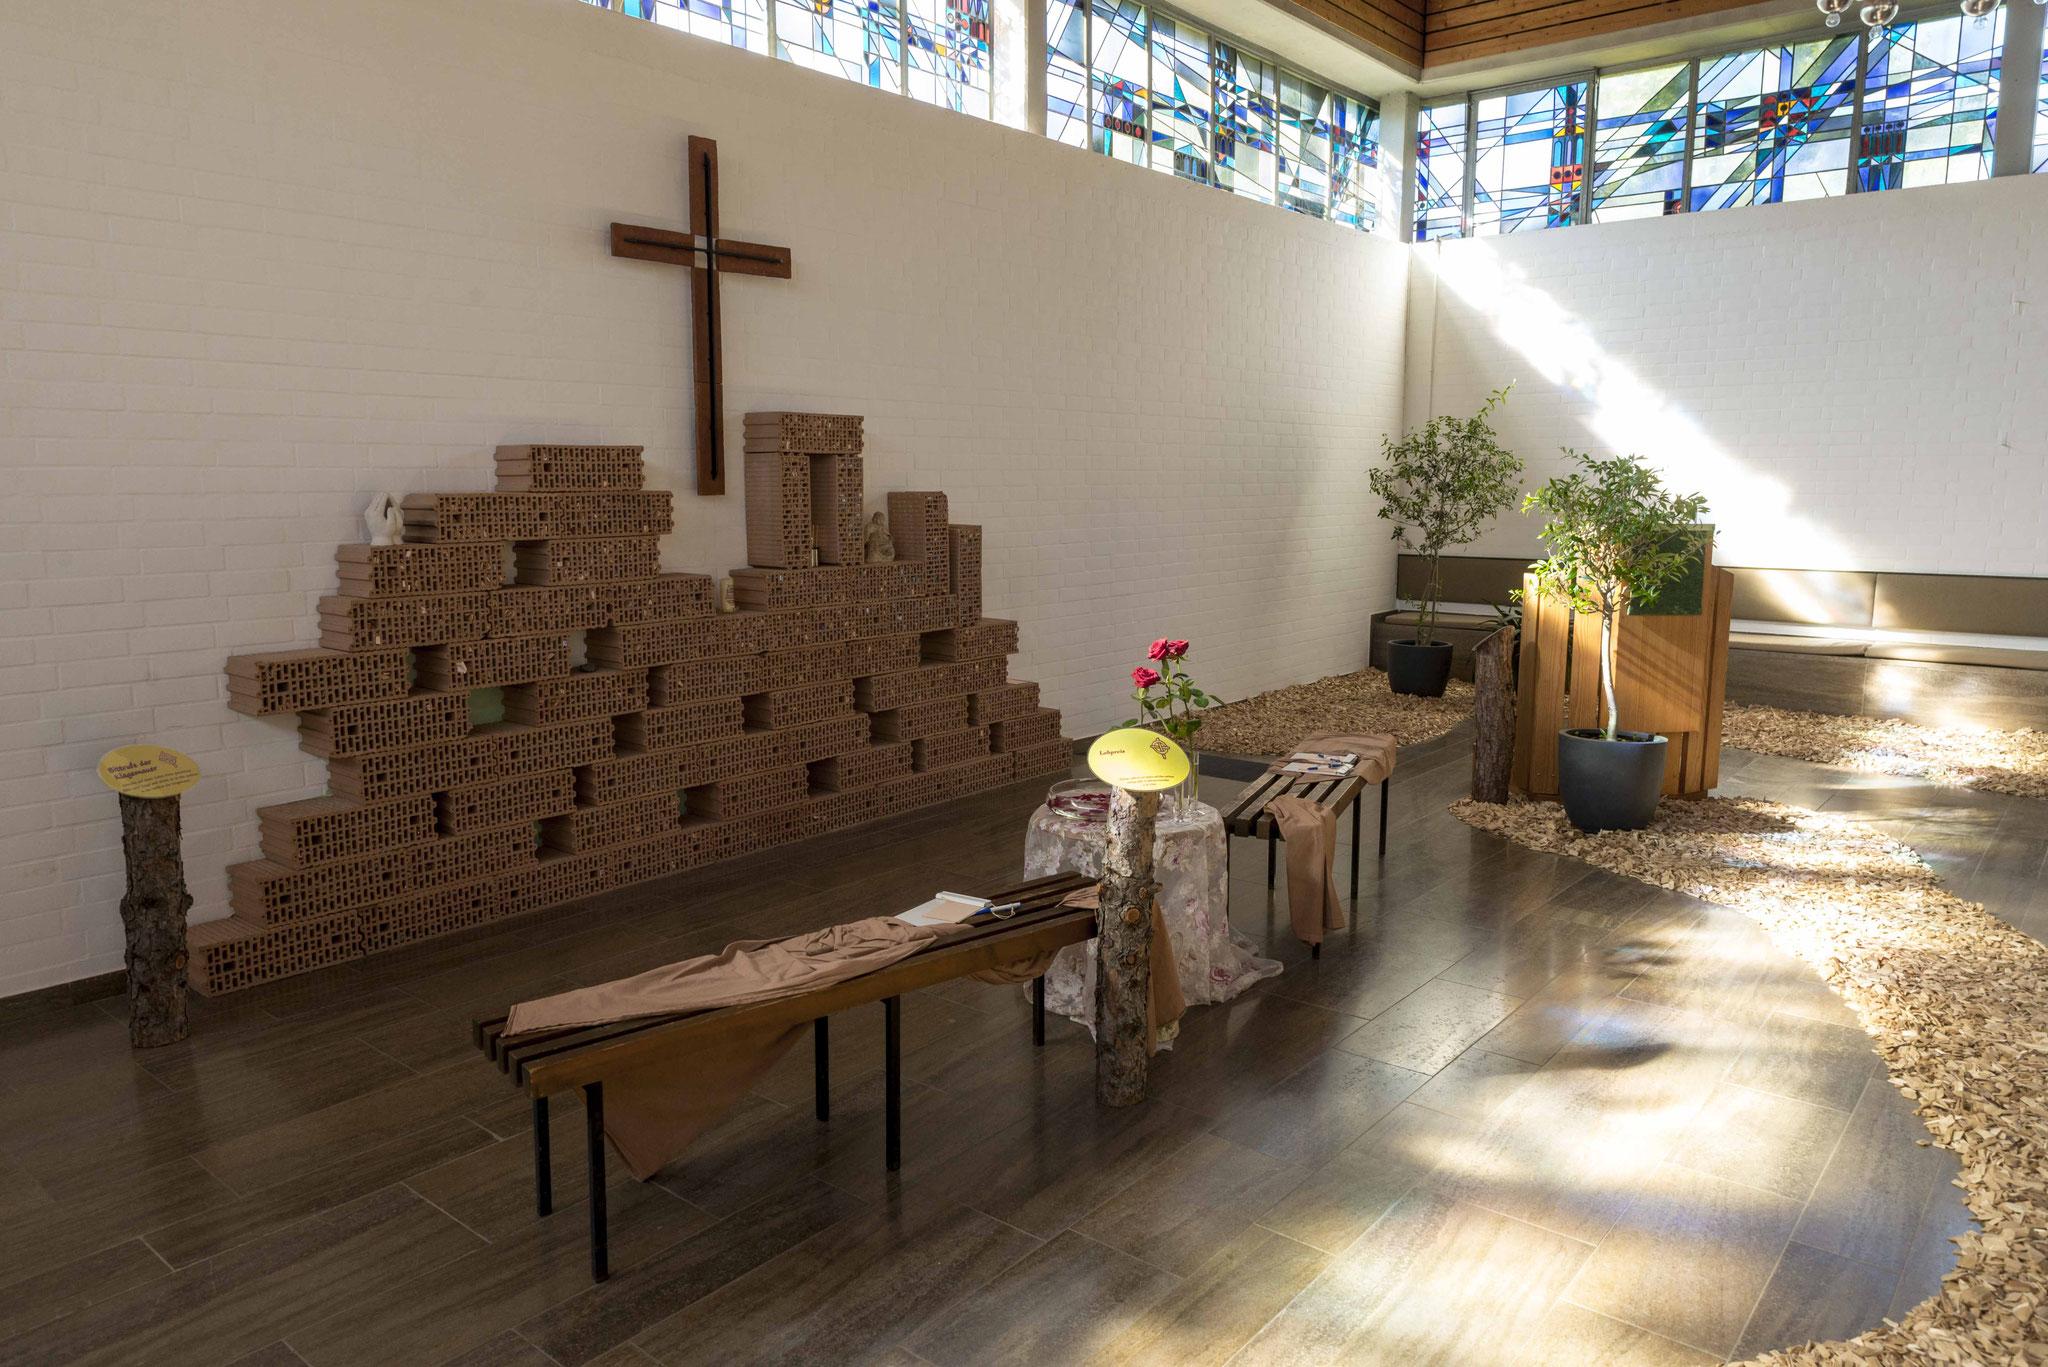 Der Altar mit der Klagemauer